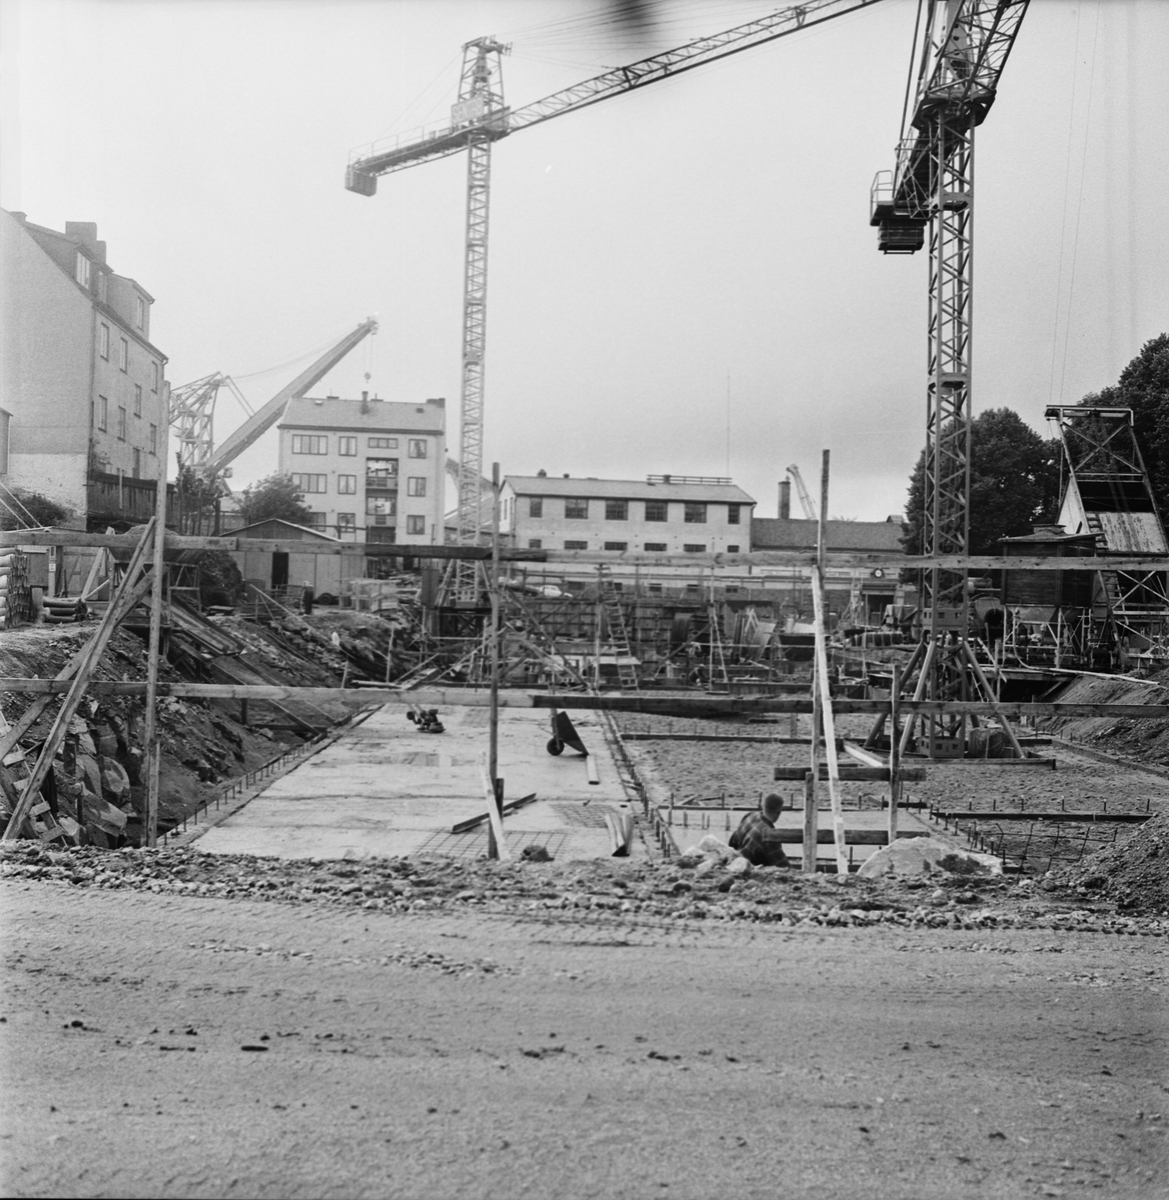 Övrigt: Foto datum: 7/9 1965 Byggnader och kranar Kvarteret Pollux